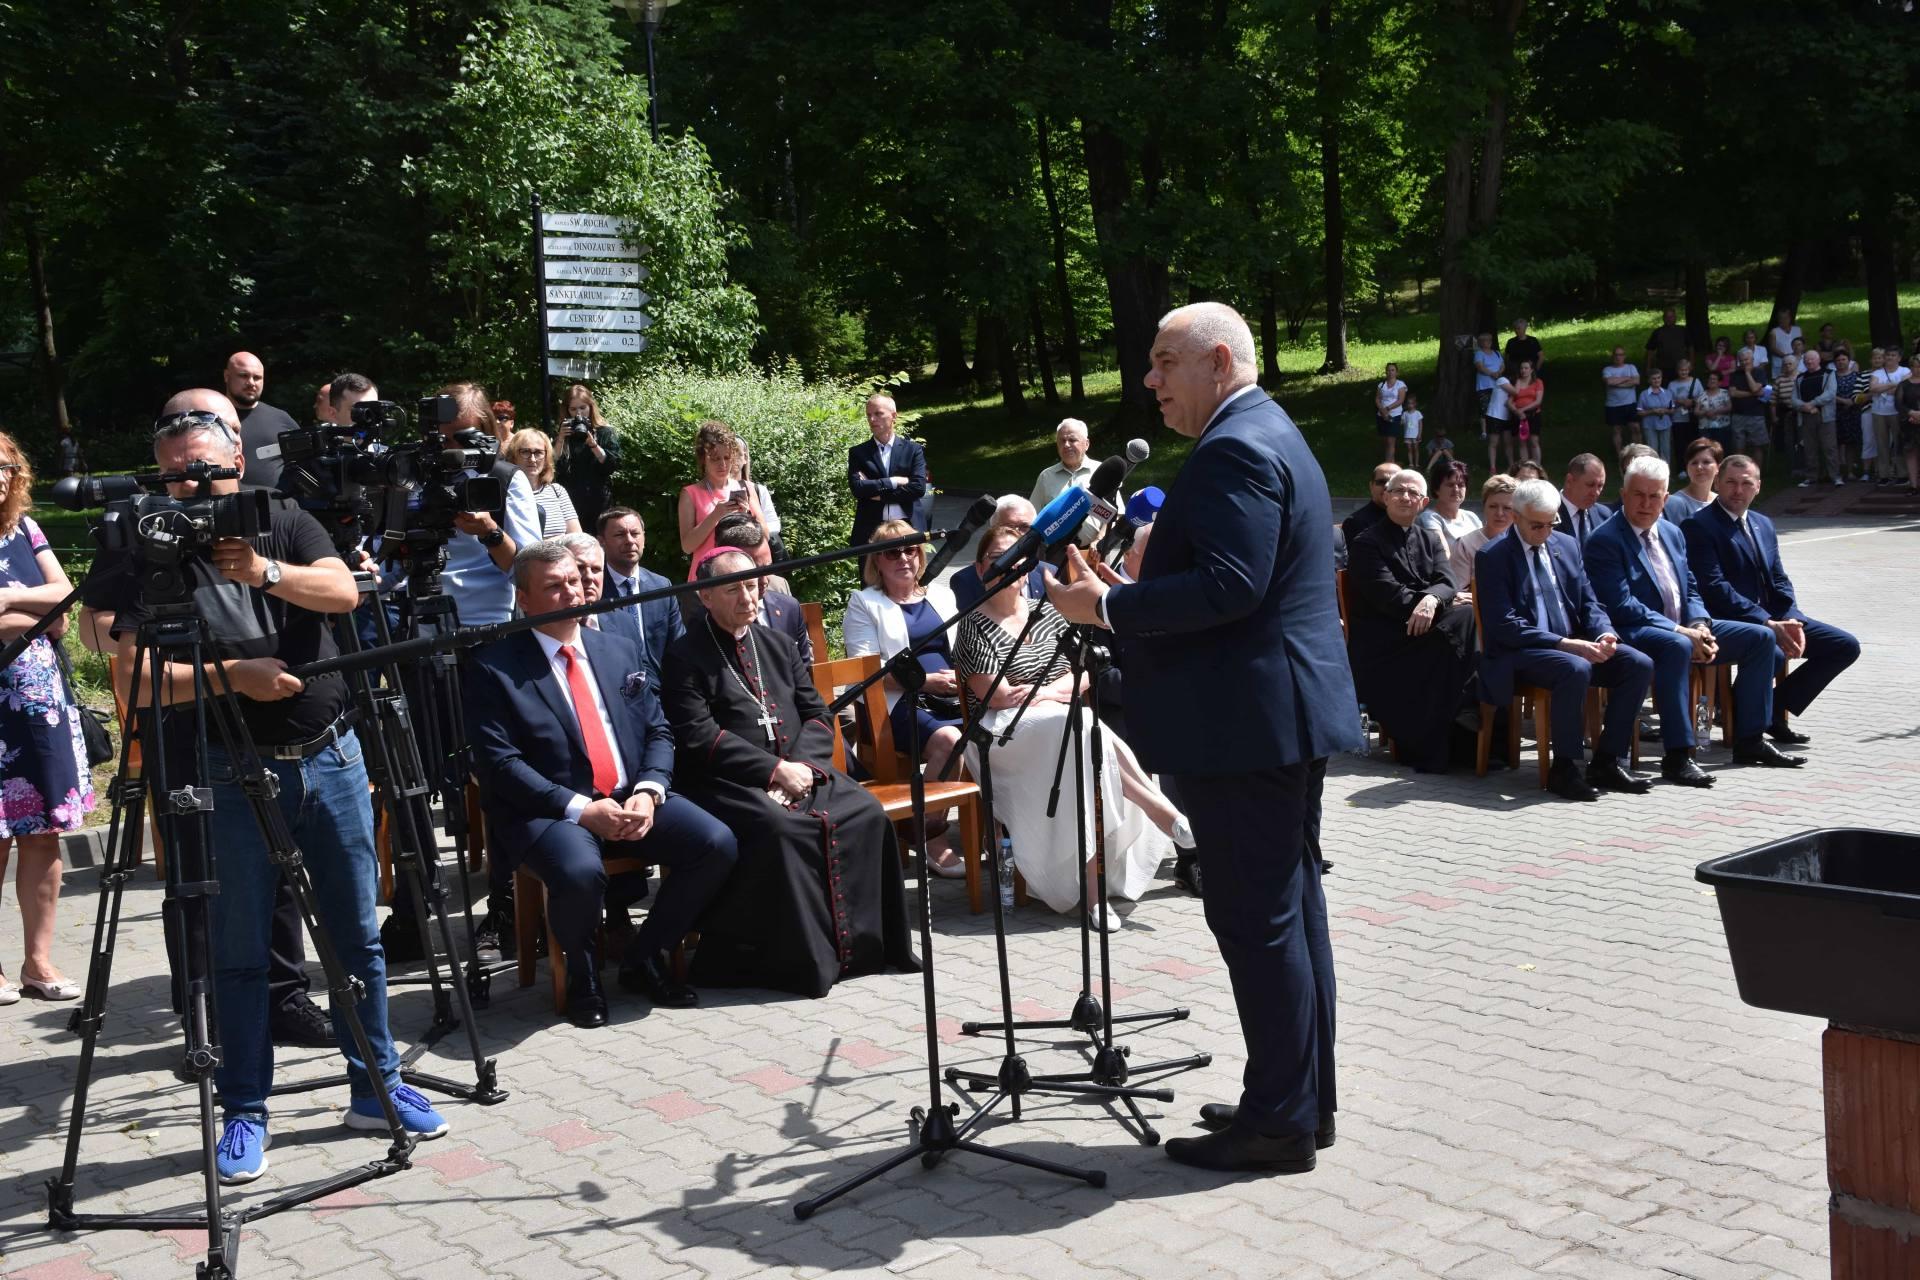 dsc 7535 Za 80 mln zł rozbudowane zostanie sanatorium w Krasnobrodzie.